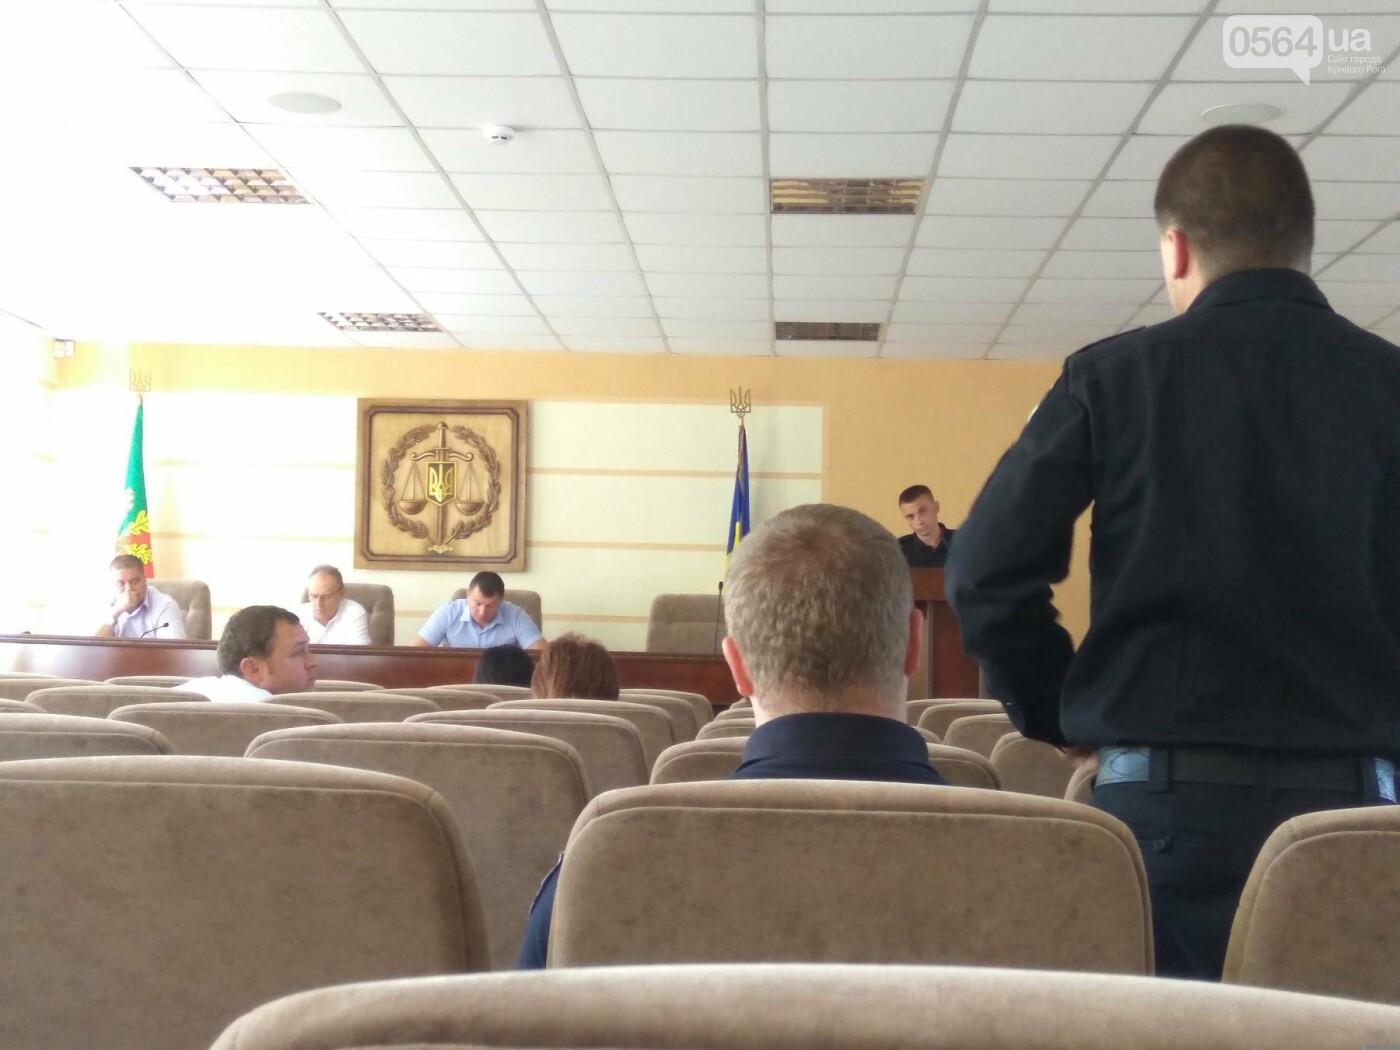 В двух районах Кривого Рога уровень преступности среди несовершеннолетних снизился в 2 раза , фото-3